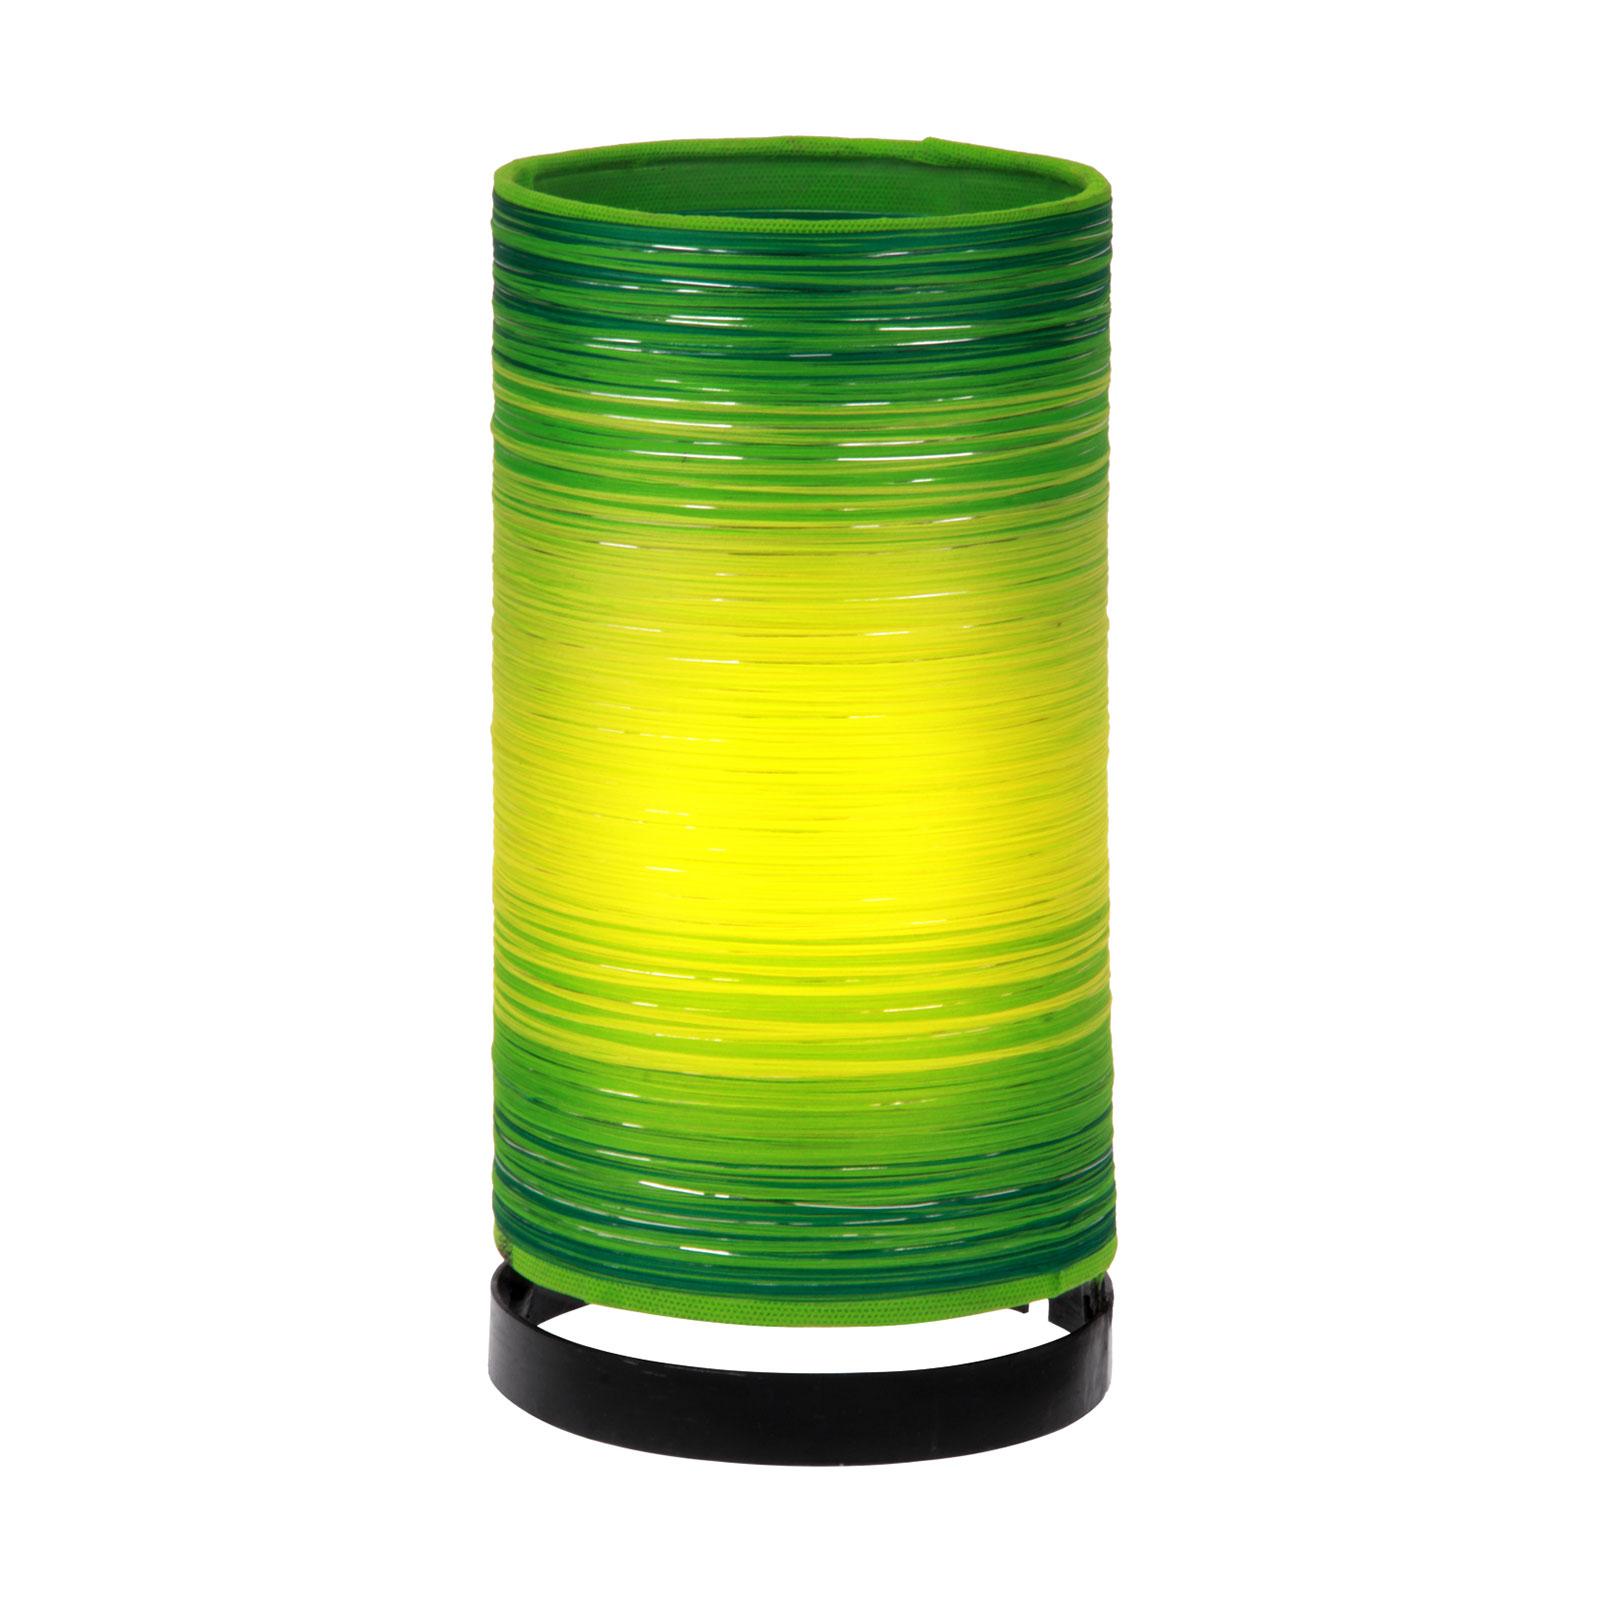 Pöytälamppu Julie, kiertävät narut, vihreä